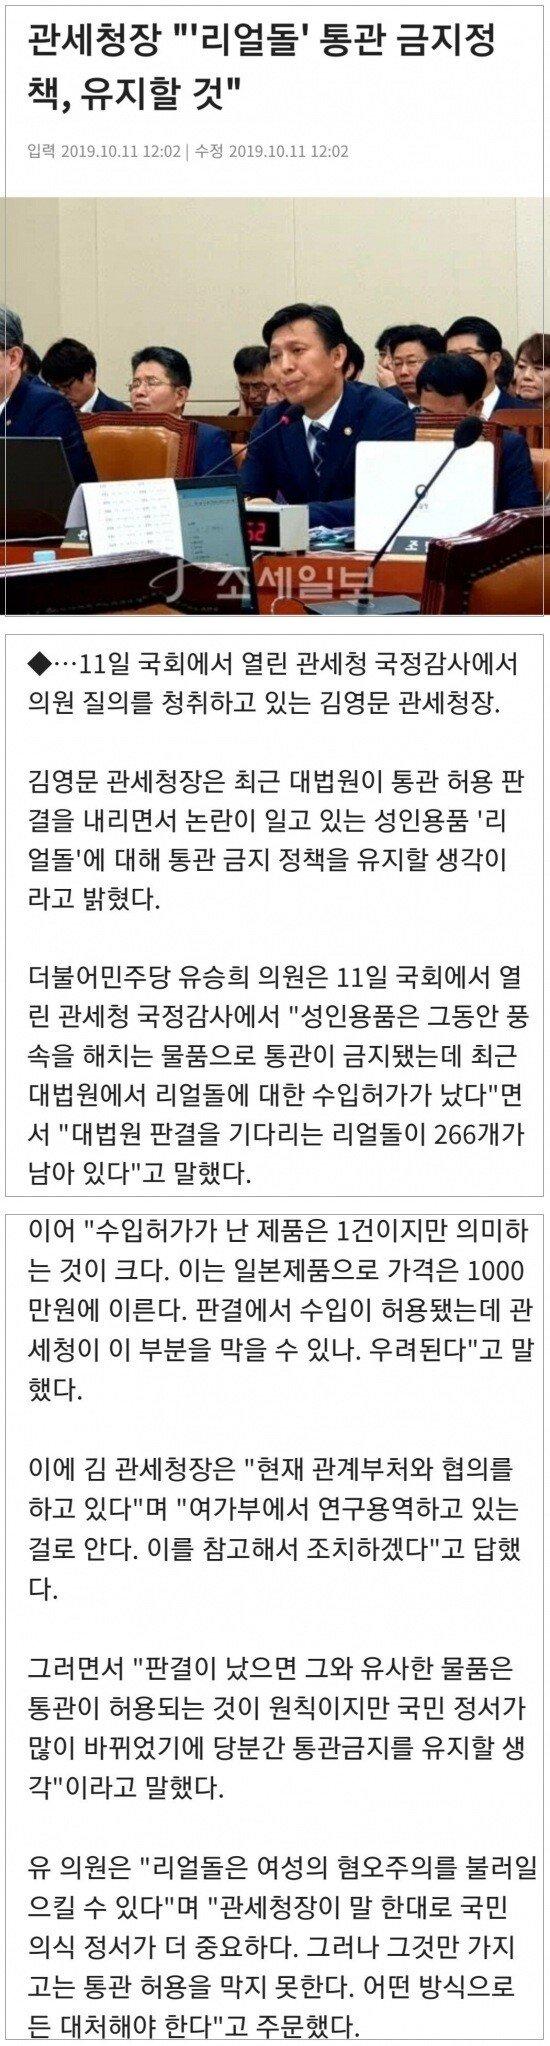 """rd.jpg 관세청장, """"법원 판결보다 국민정서가 중요... 리얼돌 계속 금지할 것"""""""